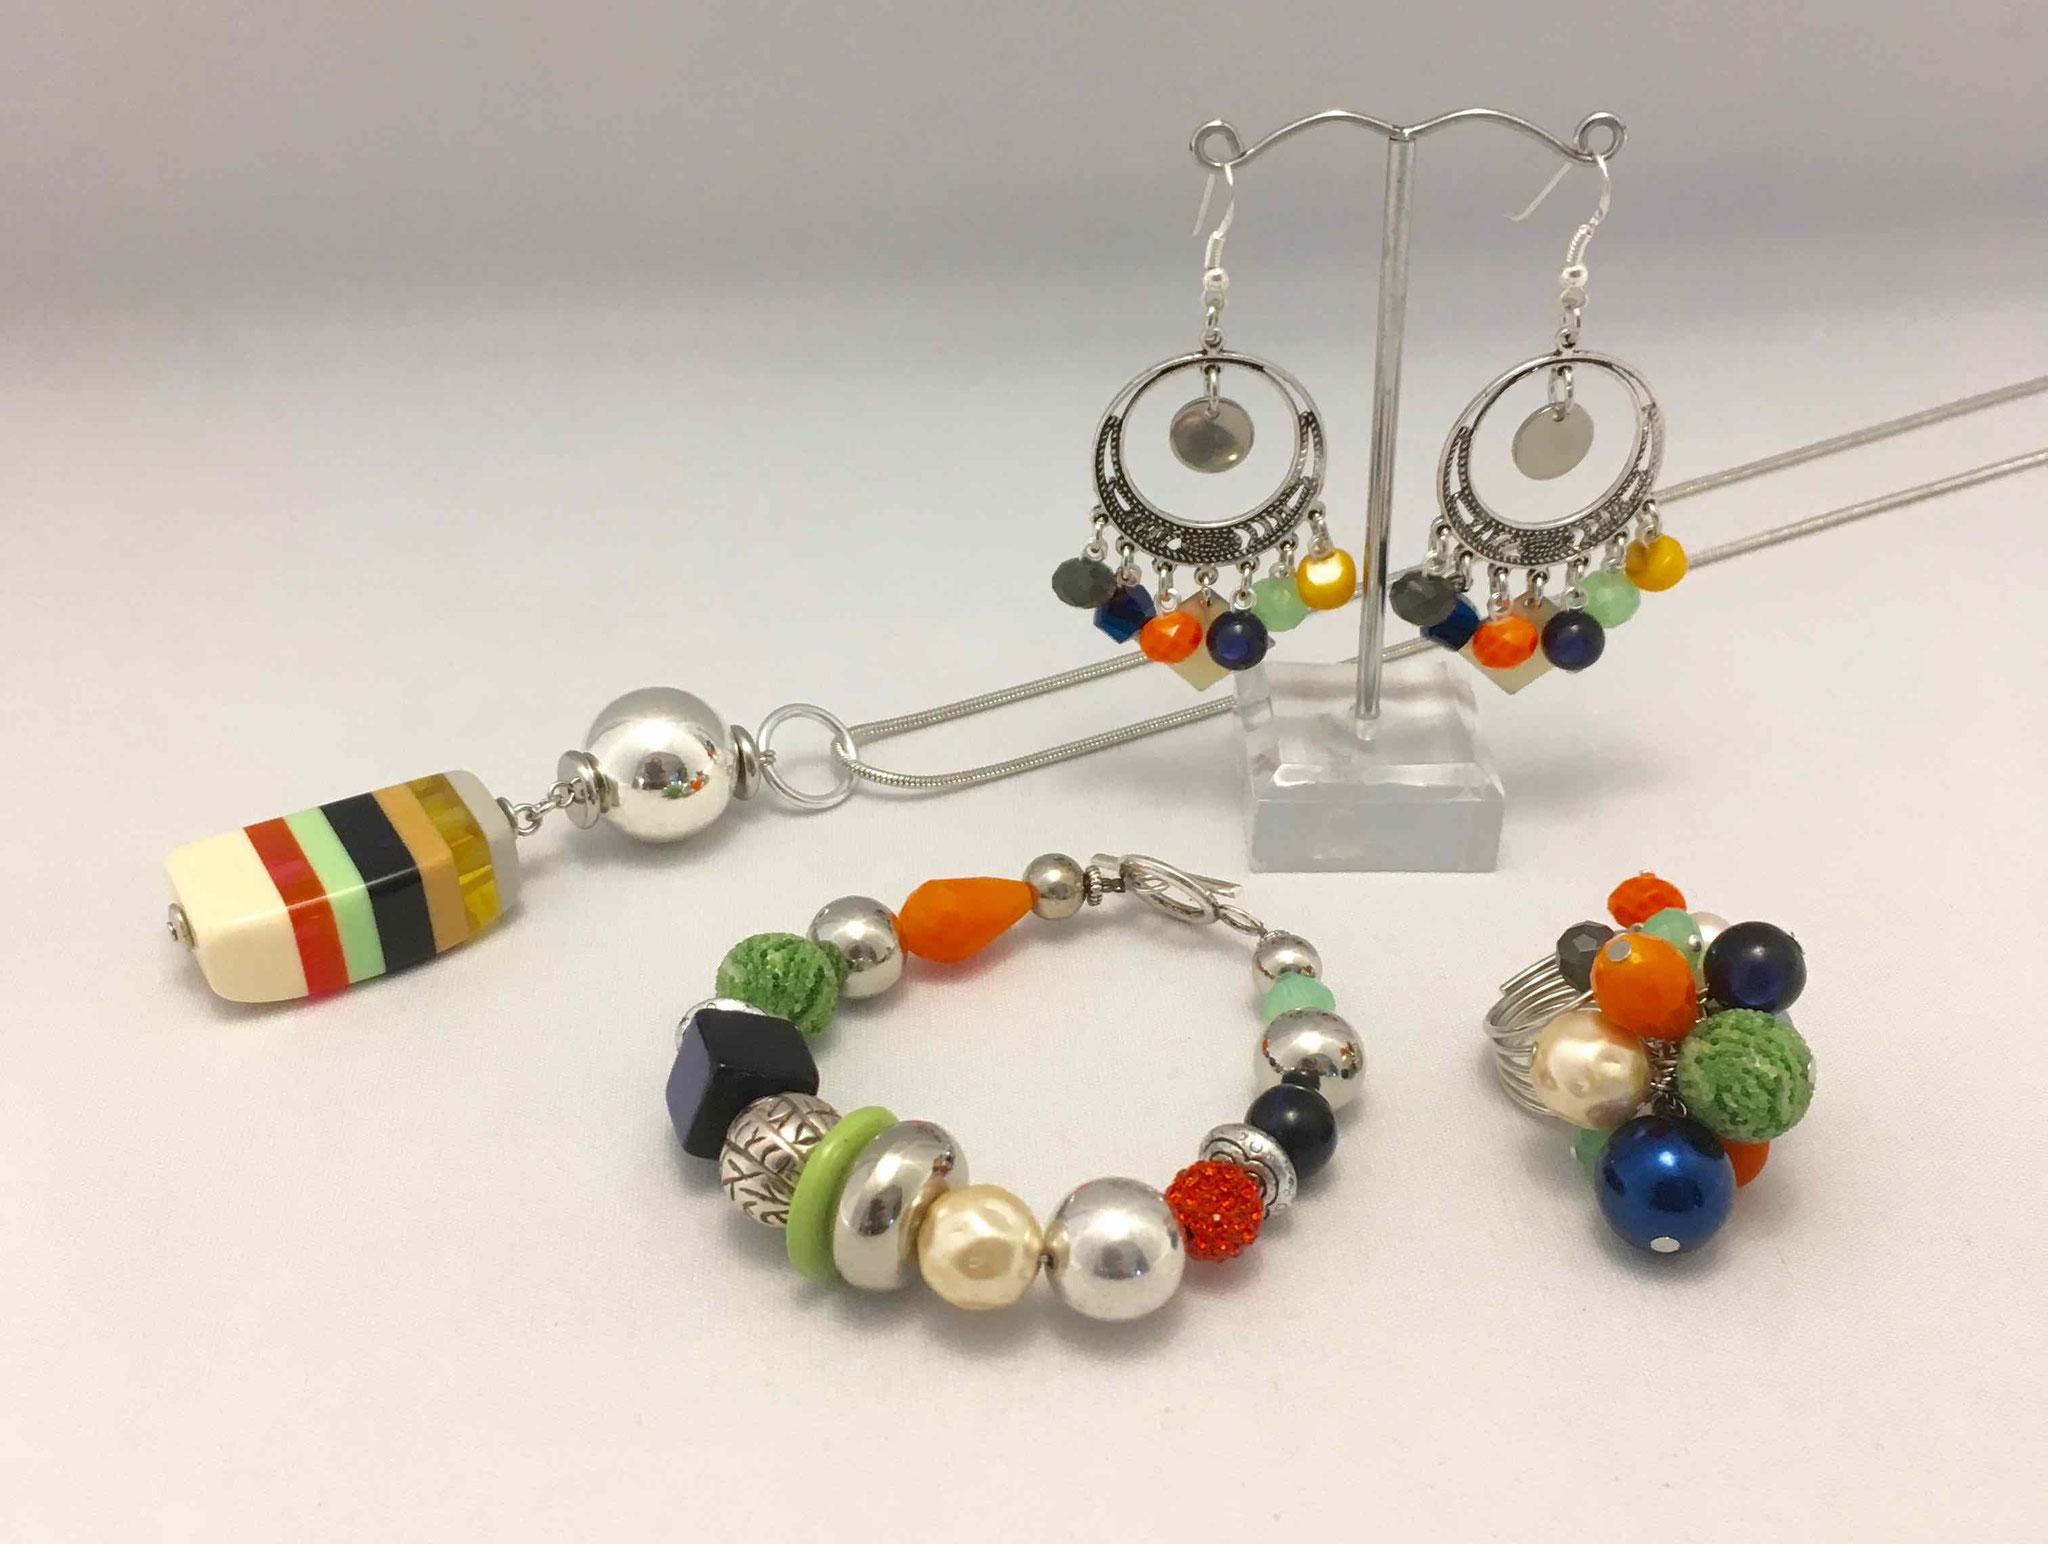 Chagoë, Collier 2 en 1, bracelet, BO & bague Eclatante ,  Collection MULTICOLORE  2017